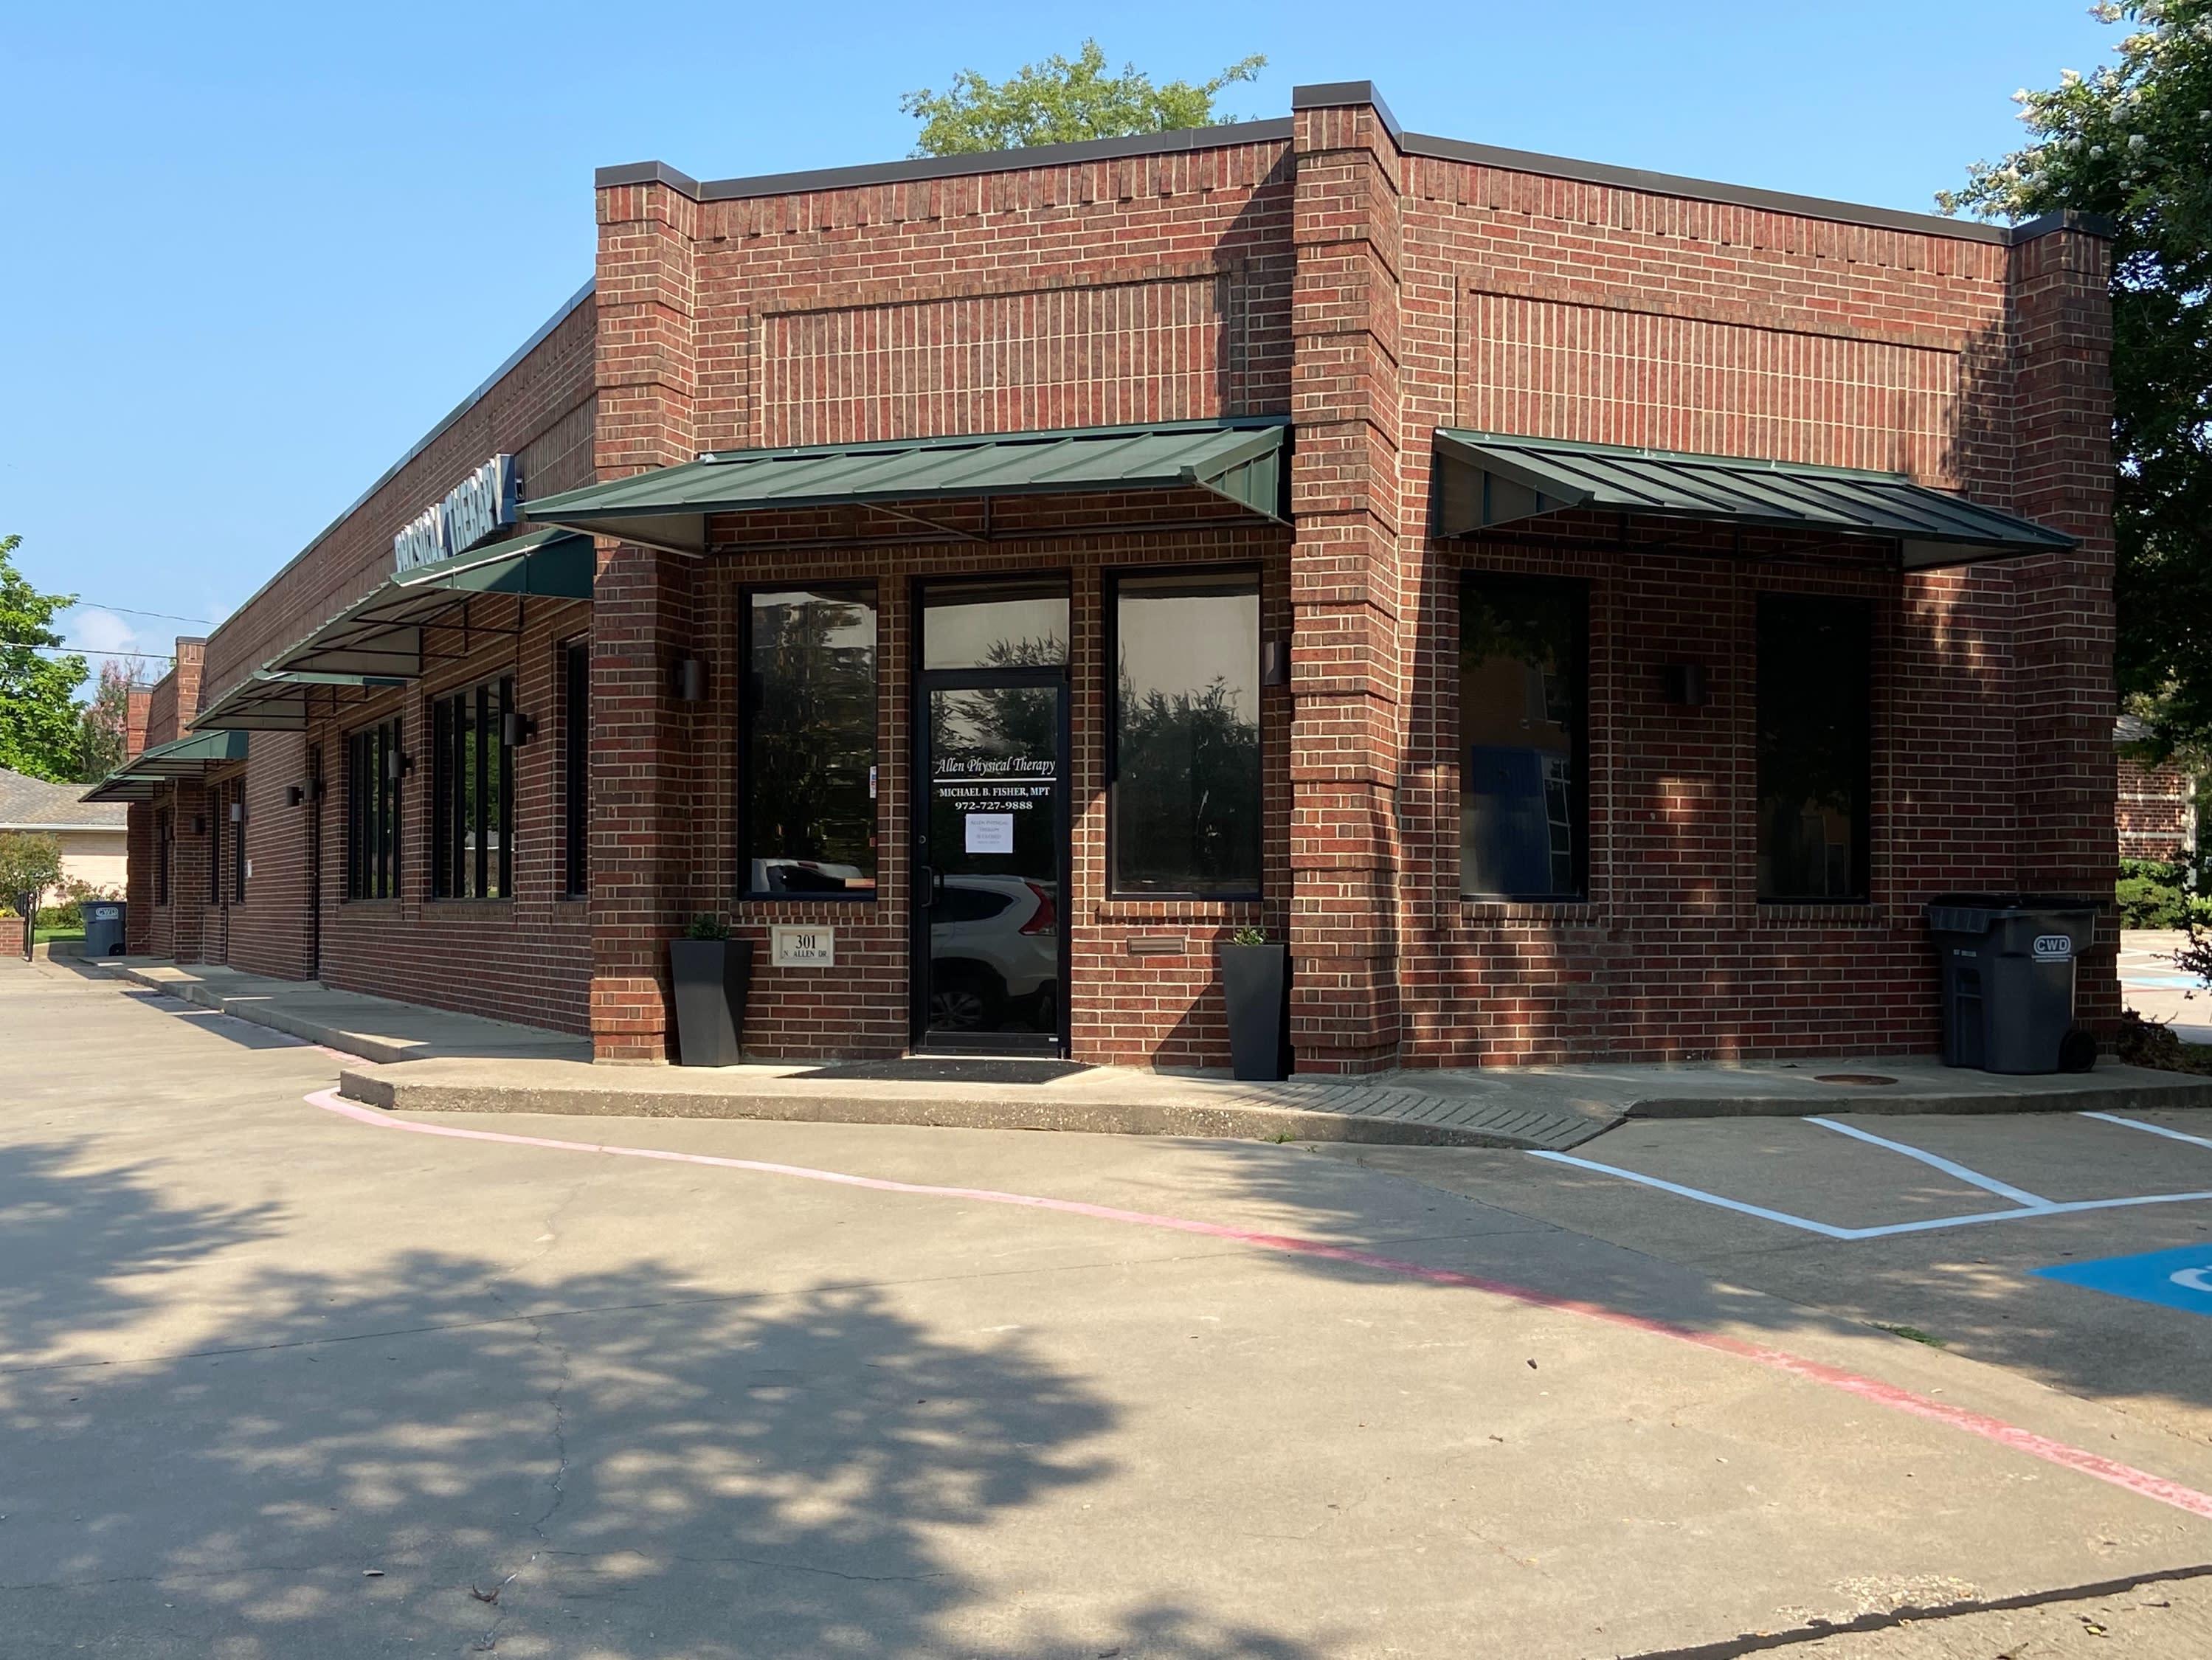 301 N Allen Drive.  Allen, Texas 75013